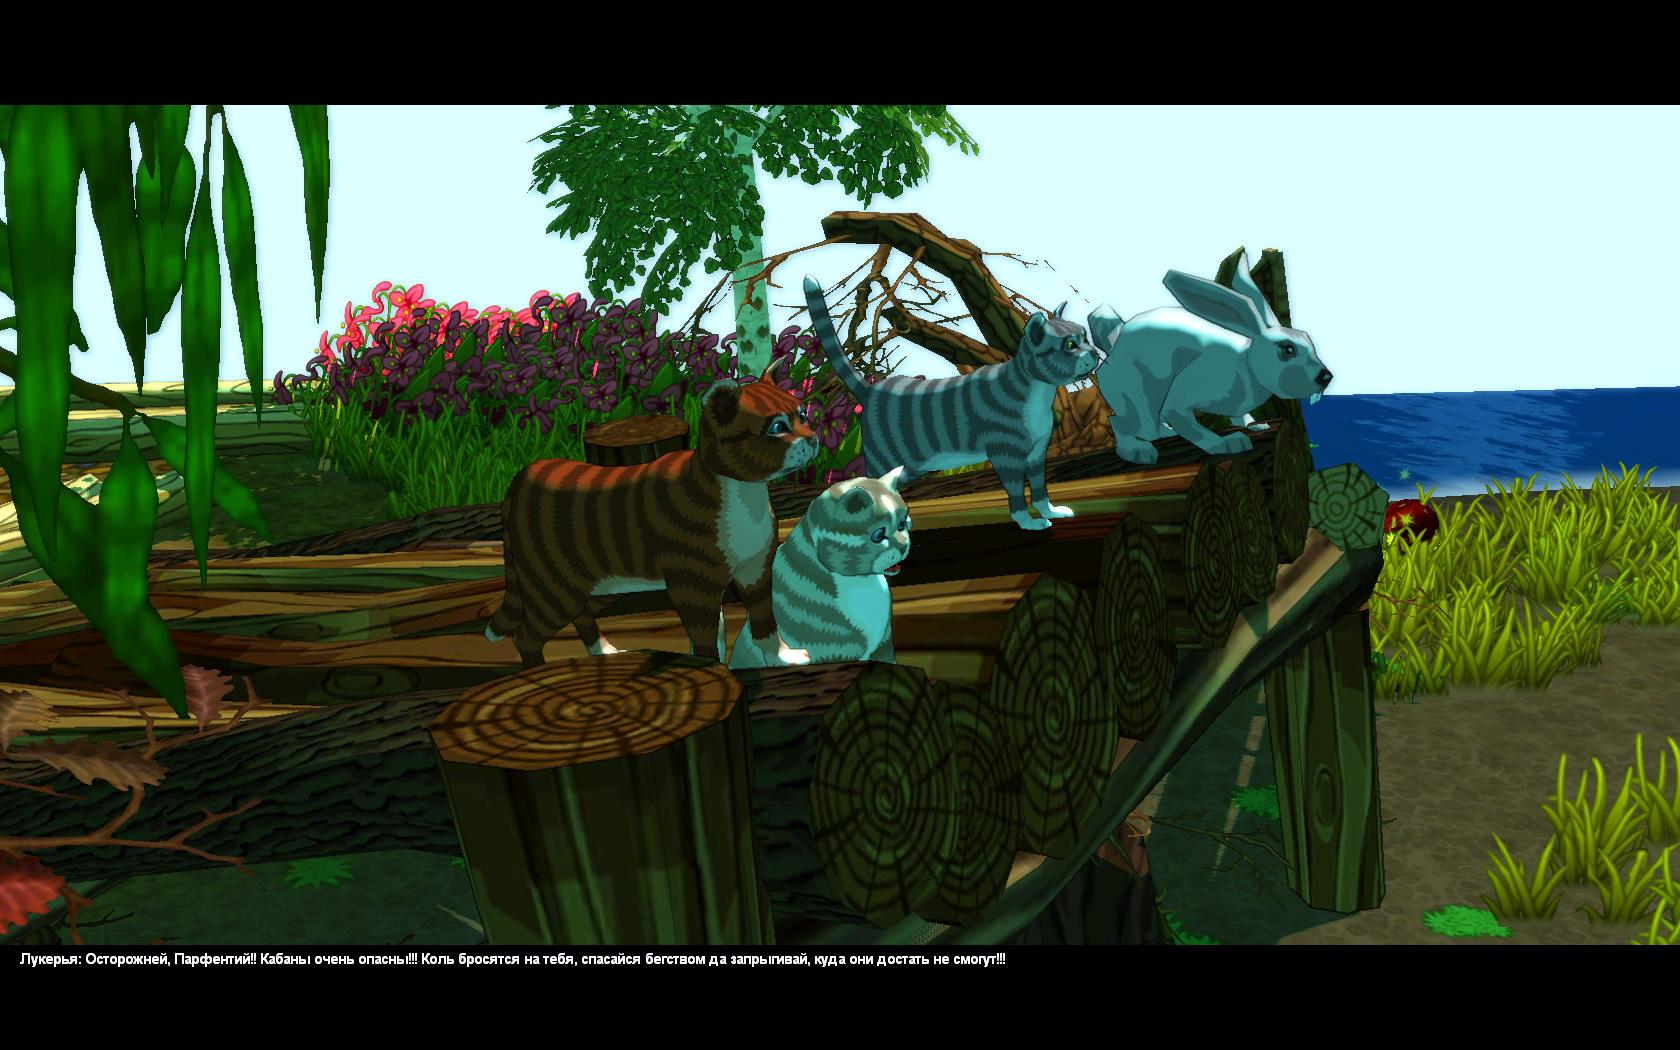 Приключения в деревне денис 24 фотография